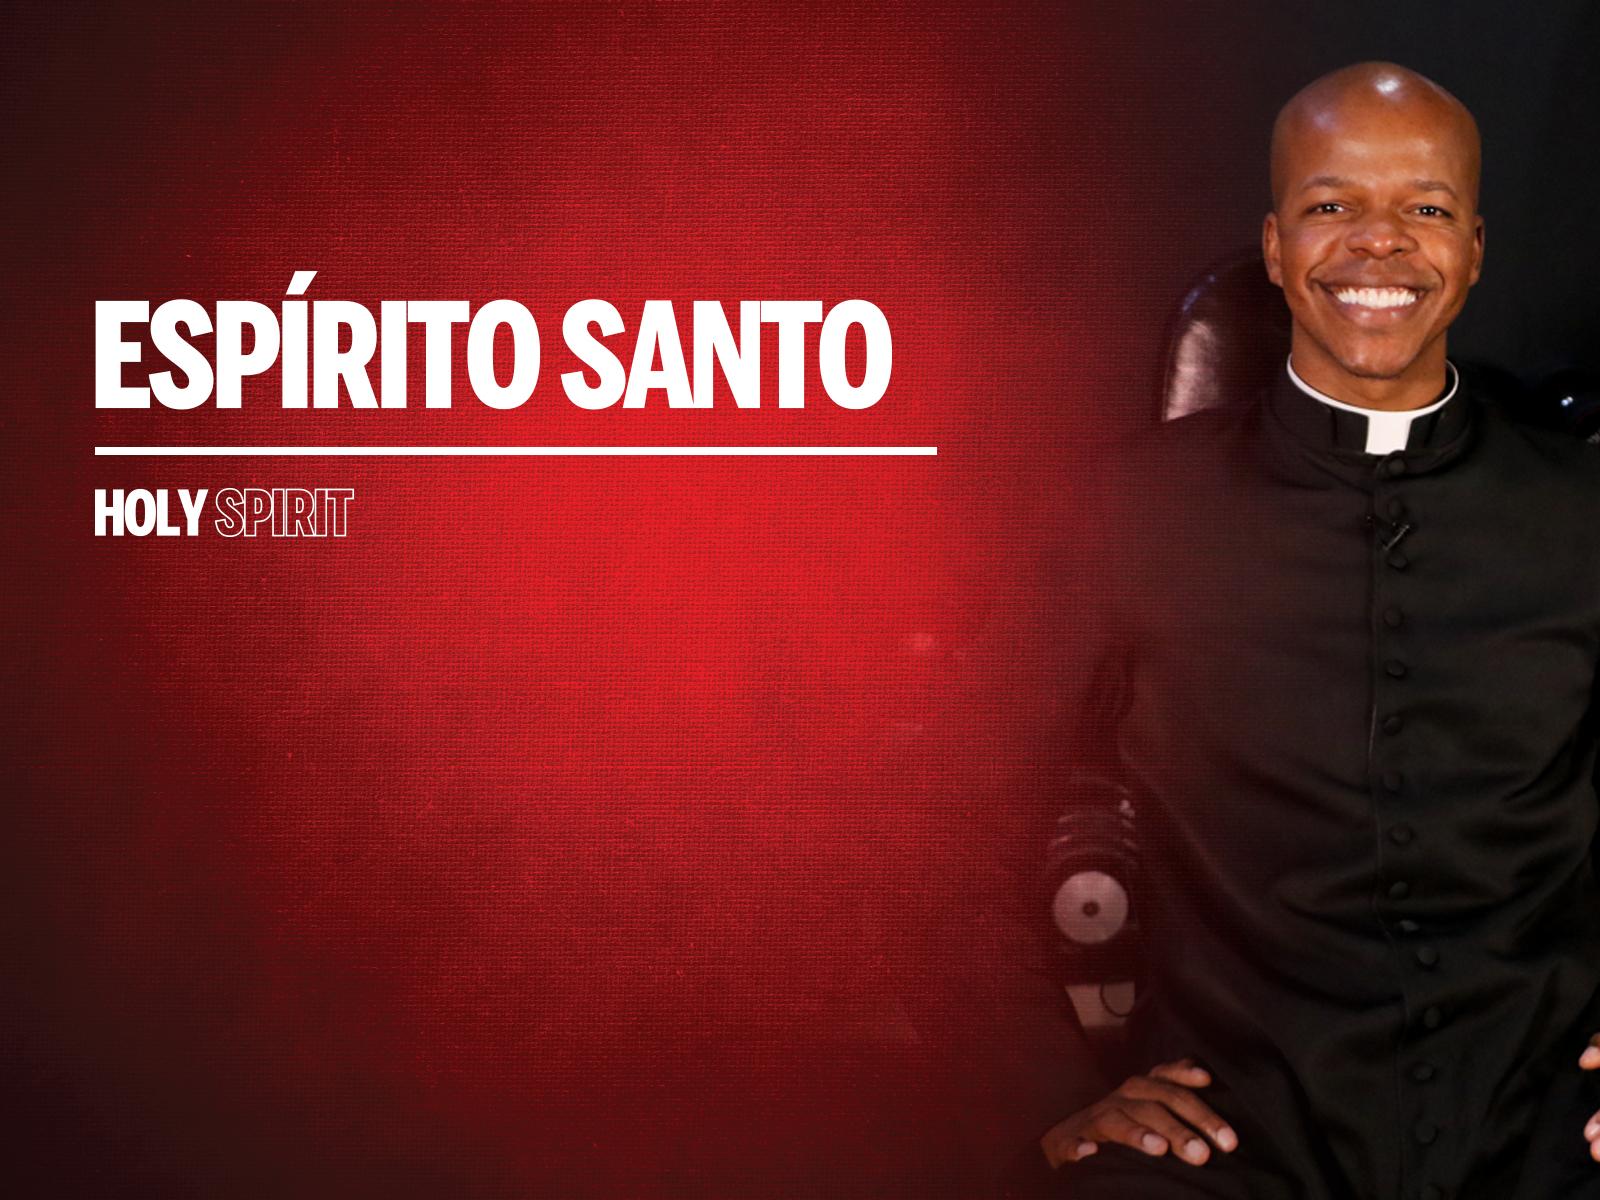 quem e o espirito santo